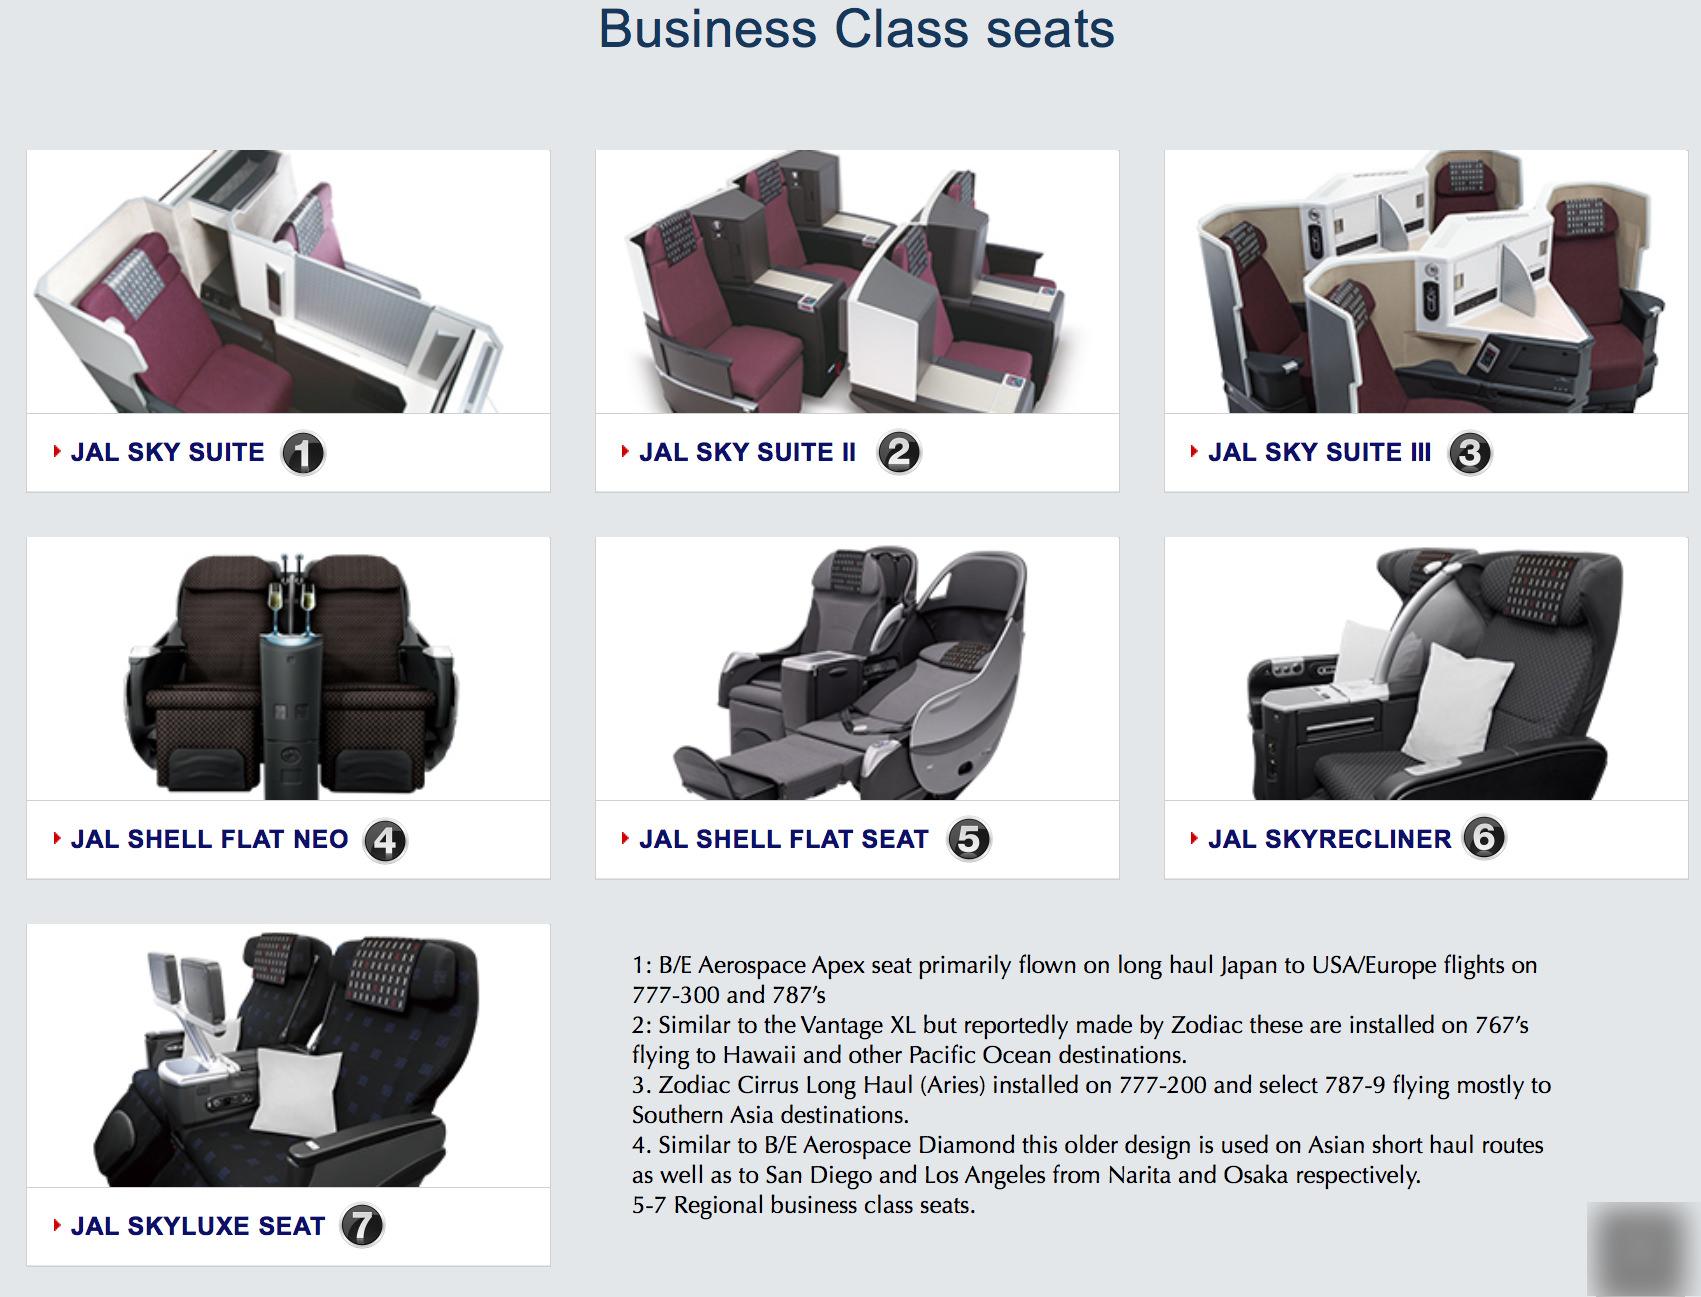 JL Business class seats.jpg